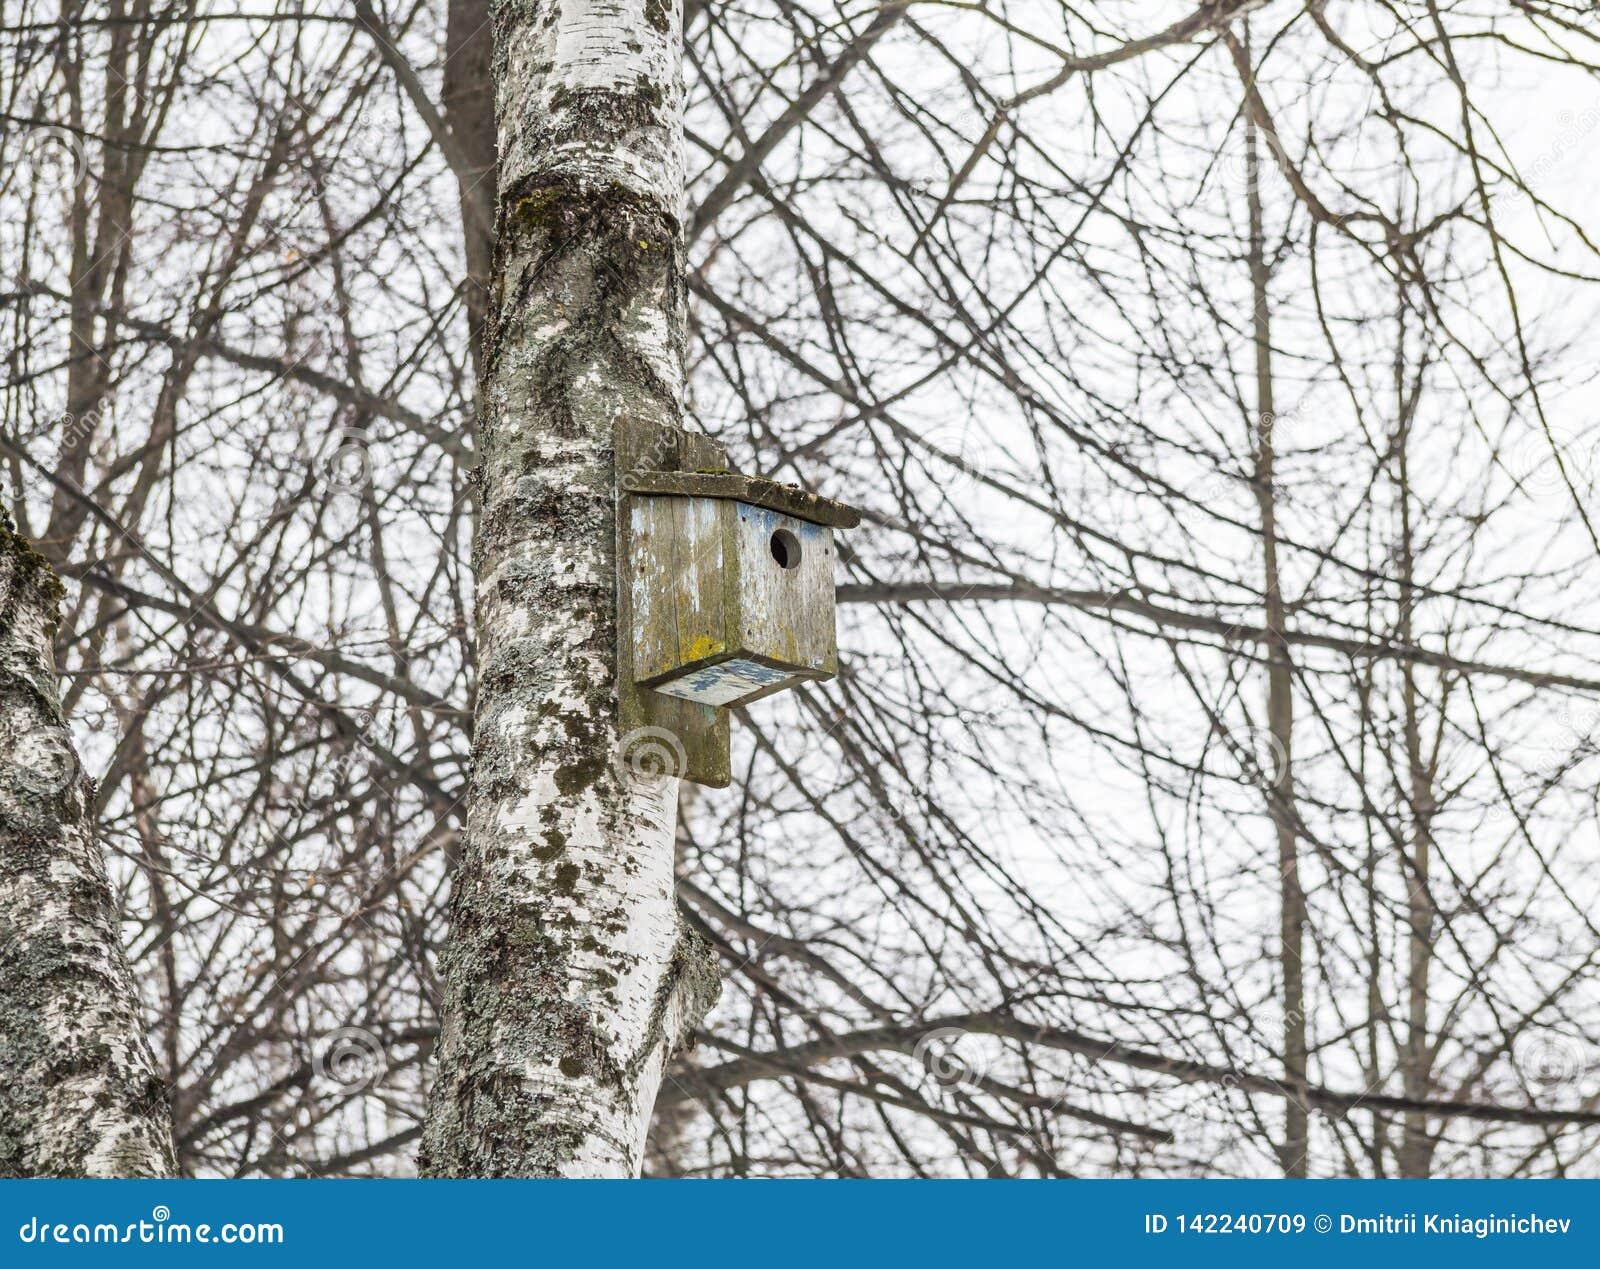 Aviário de madeira velho em uma árvore No fundo dos ramos